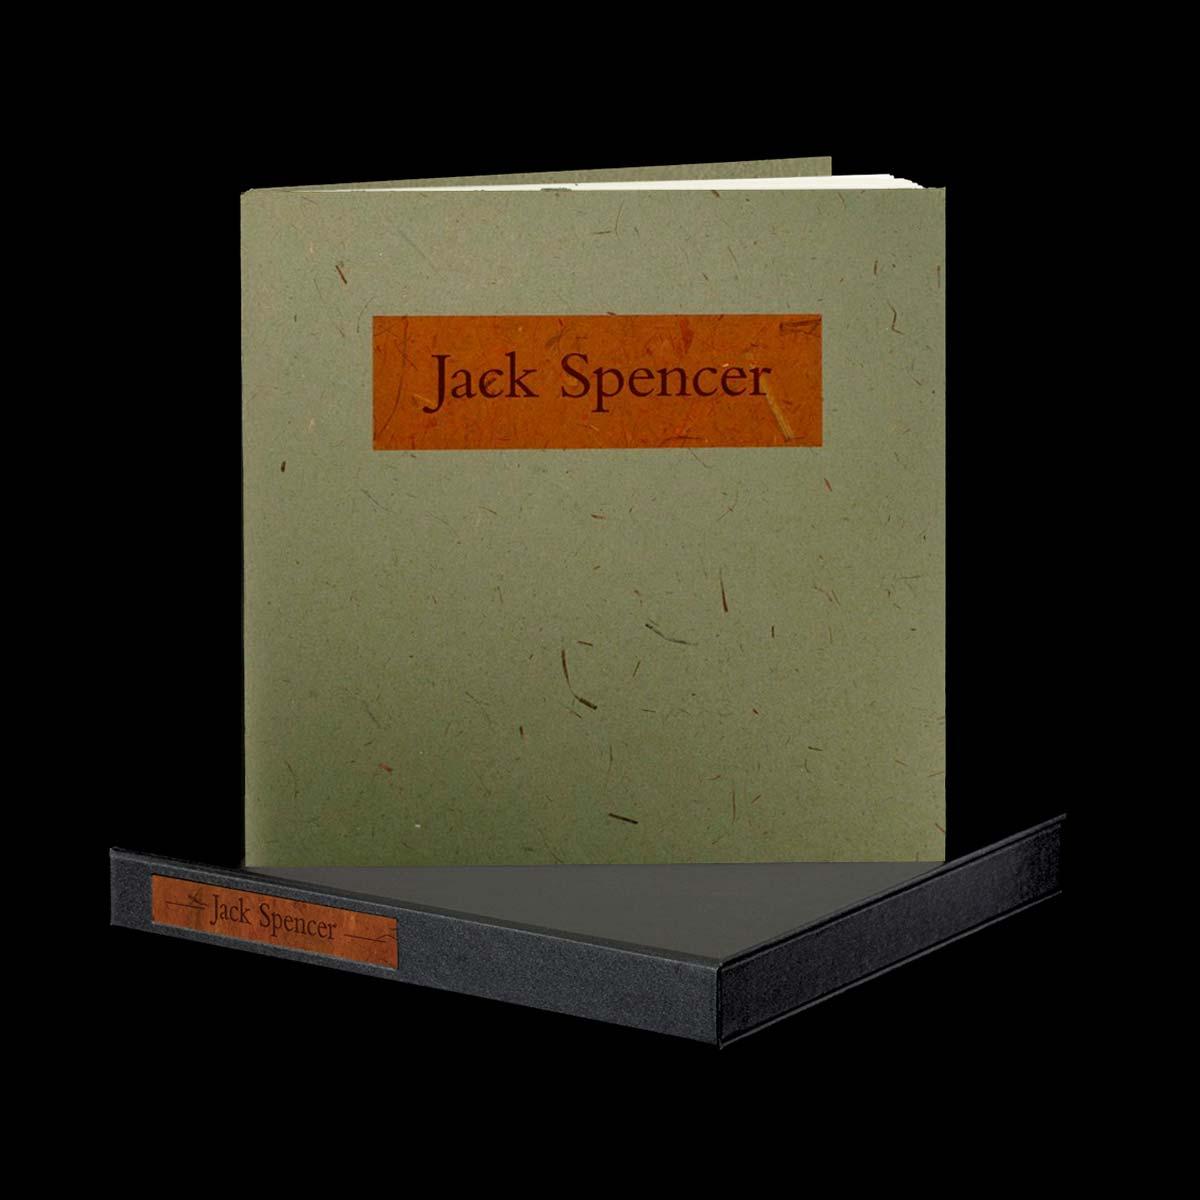 21st_JackSpencer_PrismBook.jpg